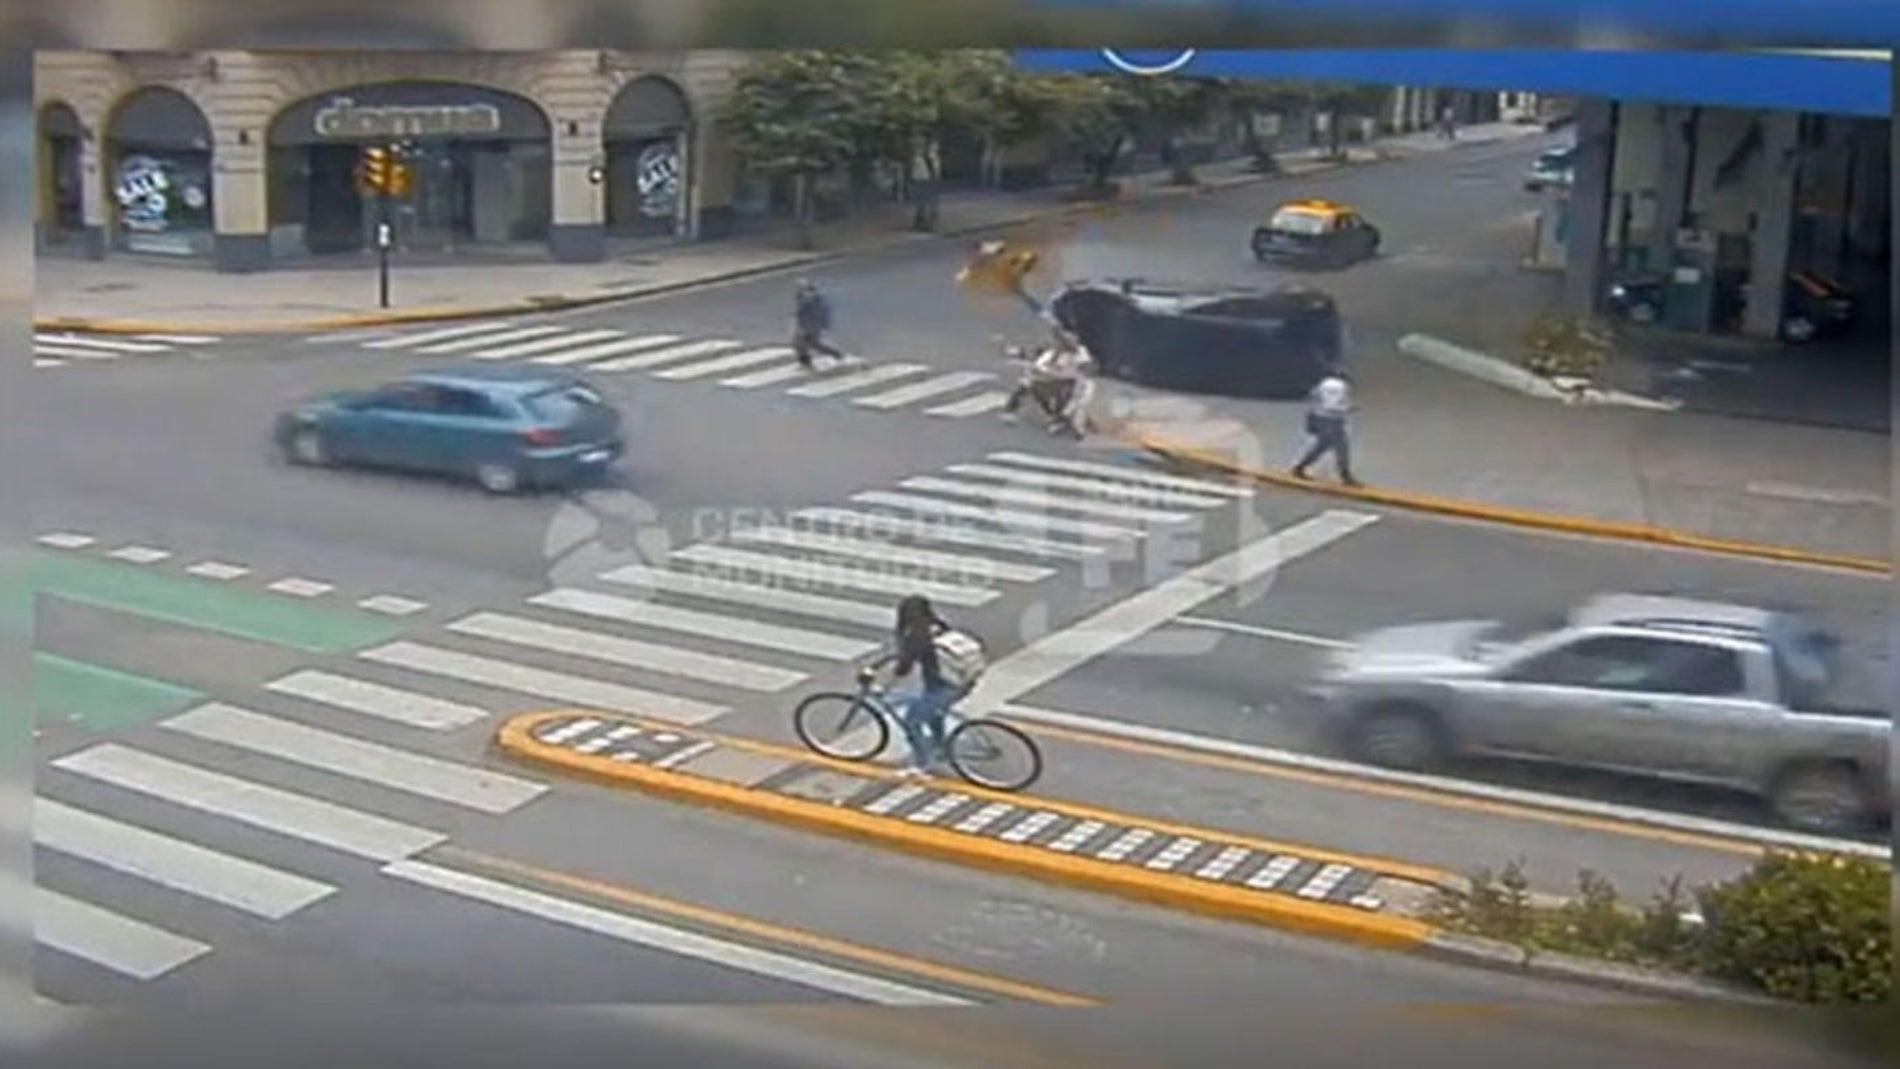 Aparatoso accidente en Rosario, Argentina